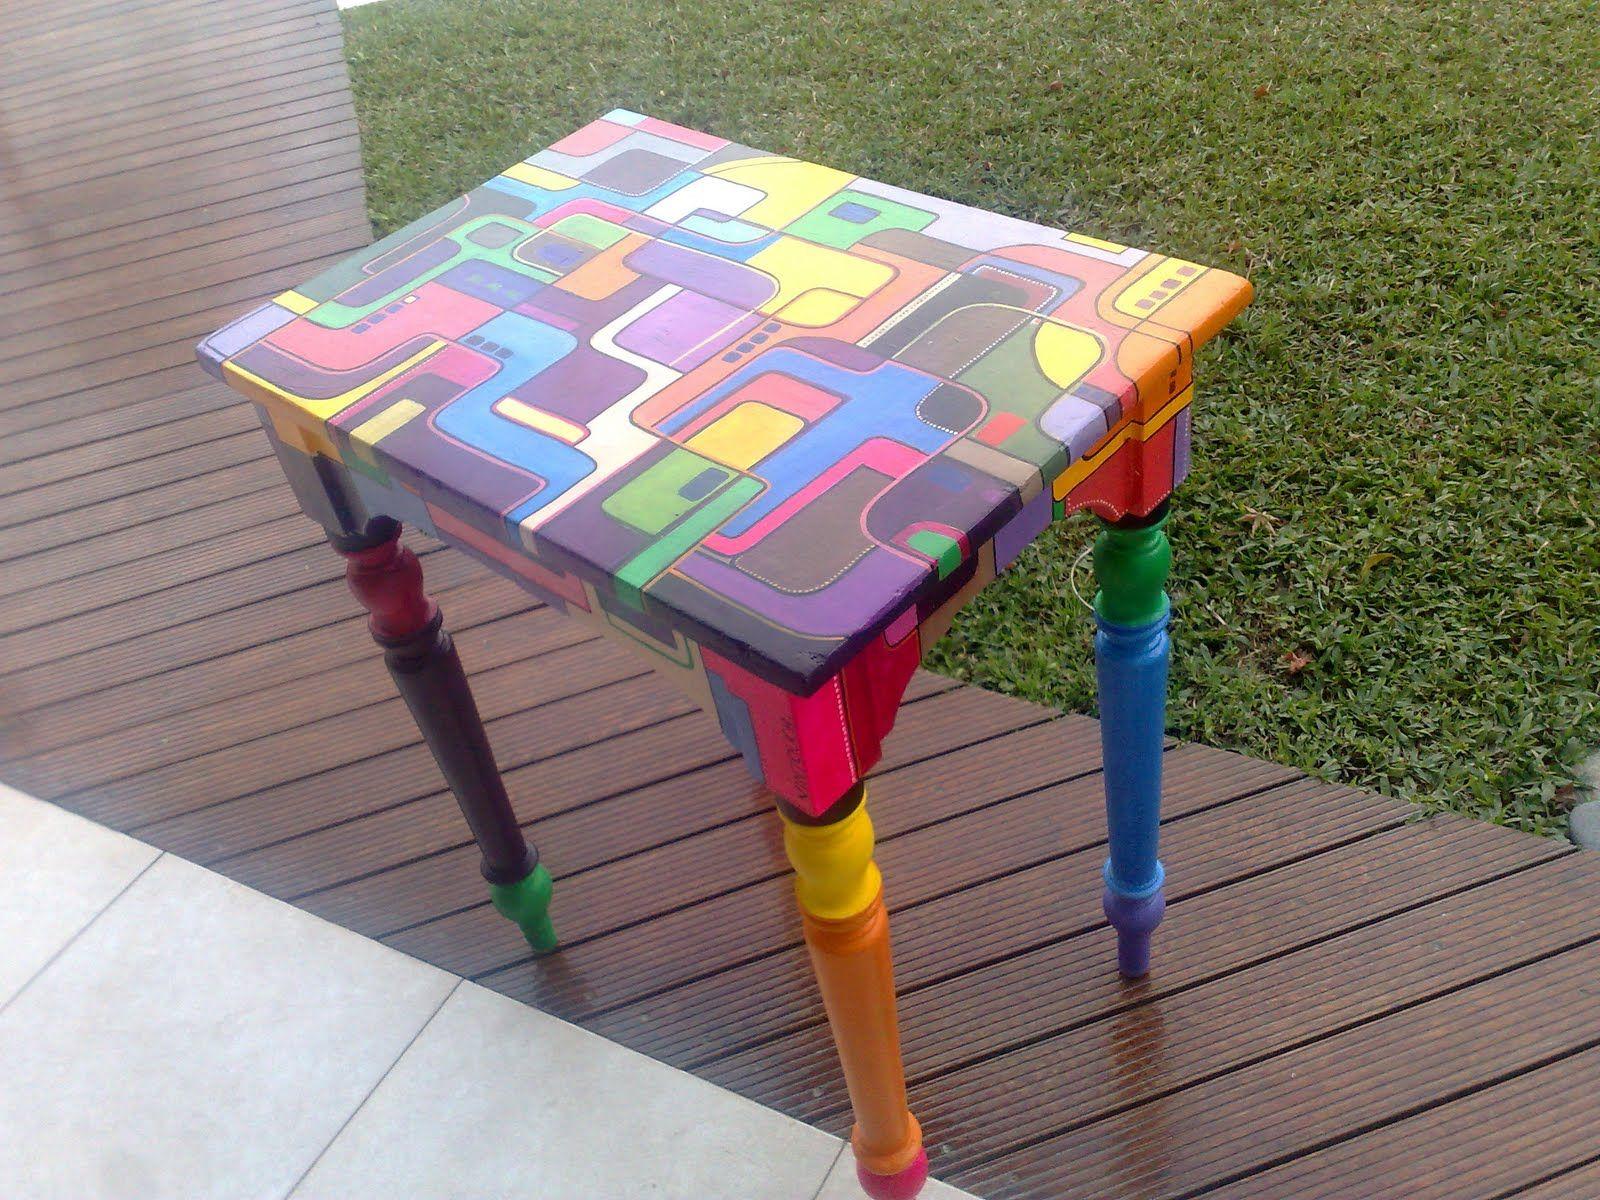 Mesa de campo integramente pintada a mano vintouch - Mesas de campo ...